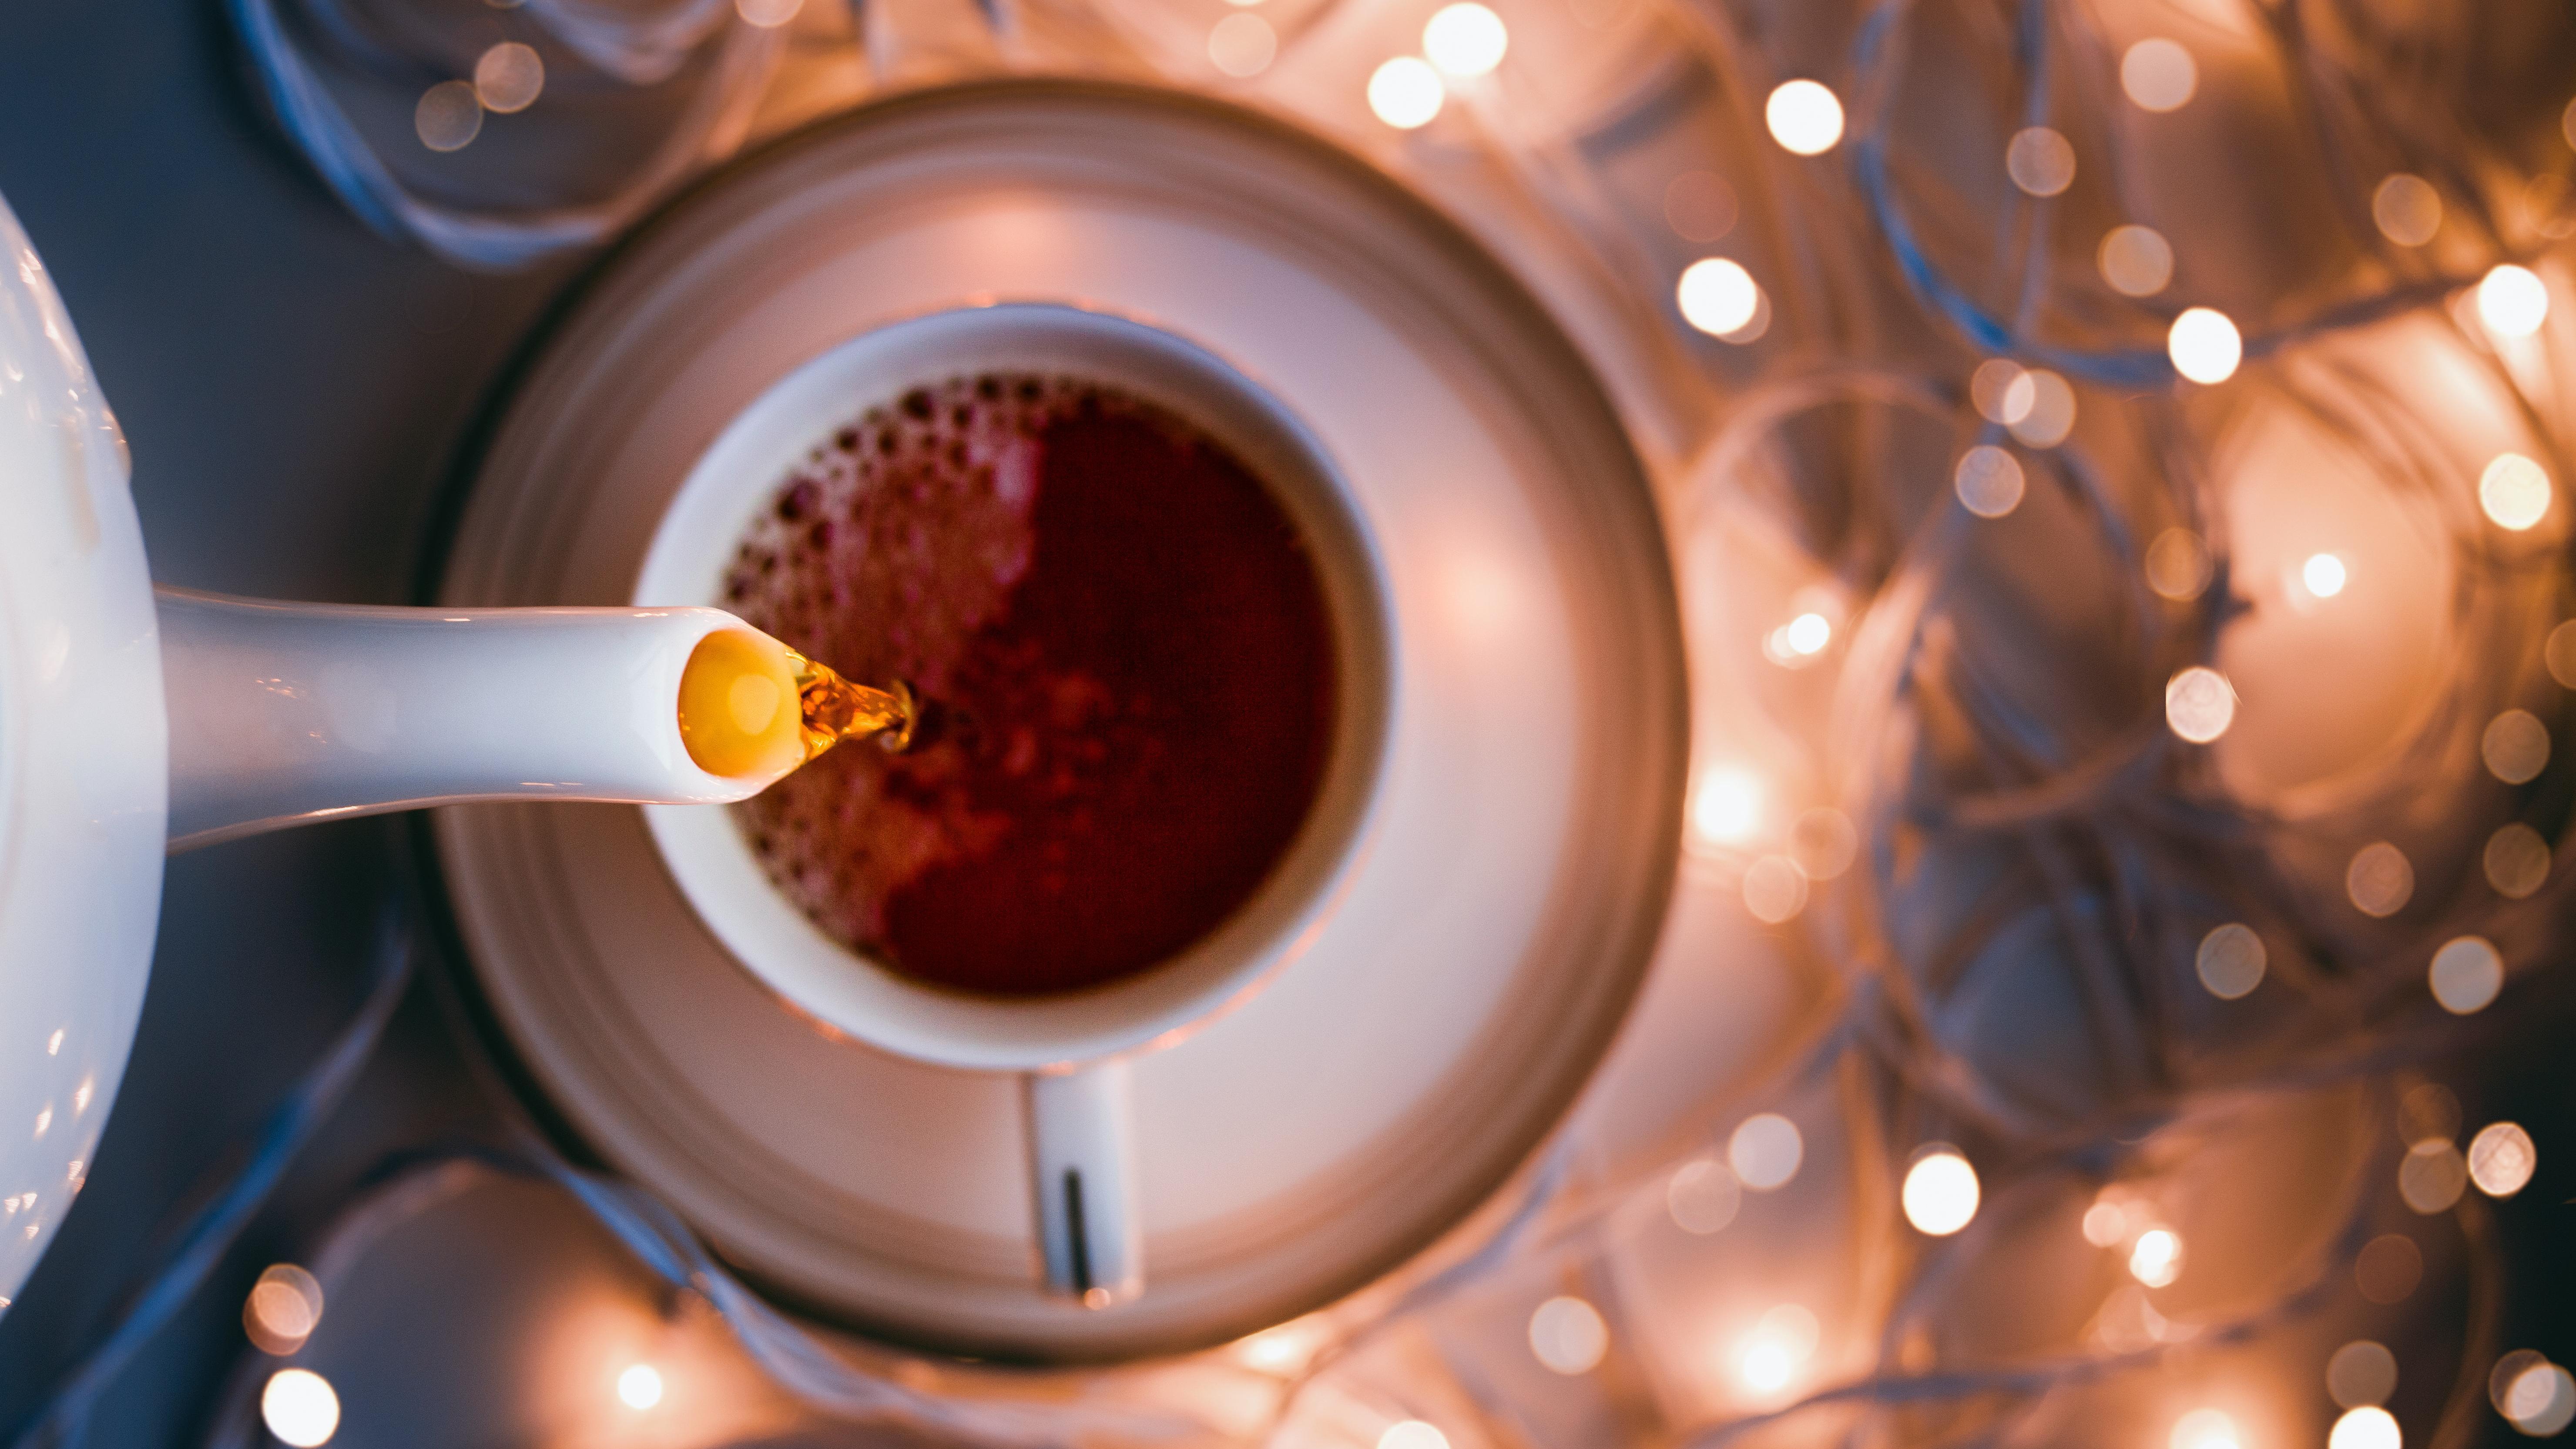 Weihnachtstee selber machen: Diese Zutaten harmonieren am besten